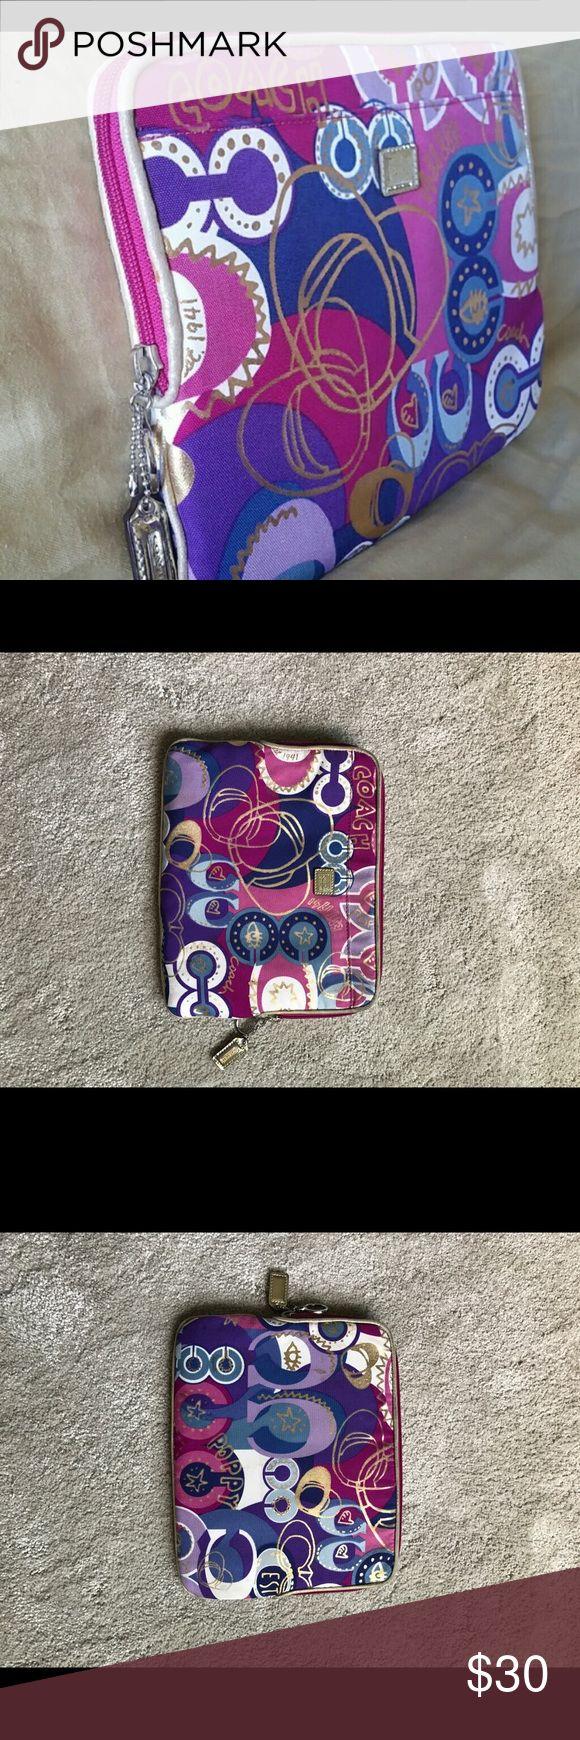 Des lettres az coloriage xpx coloriage enluminure lettre v page 2 car - Coach Poppy Tablet Ipad Case